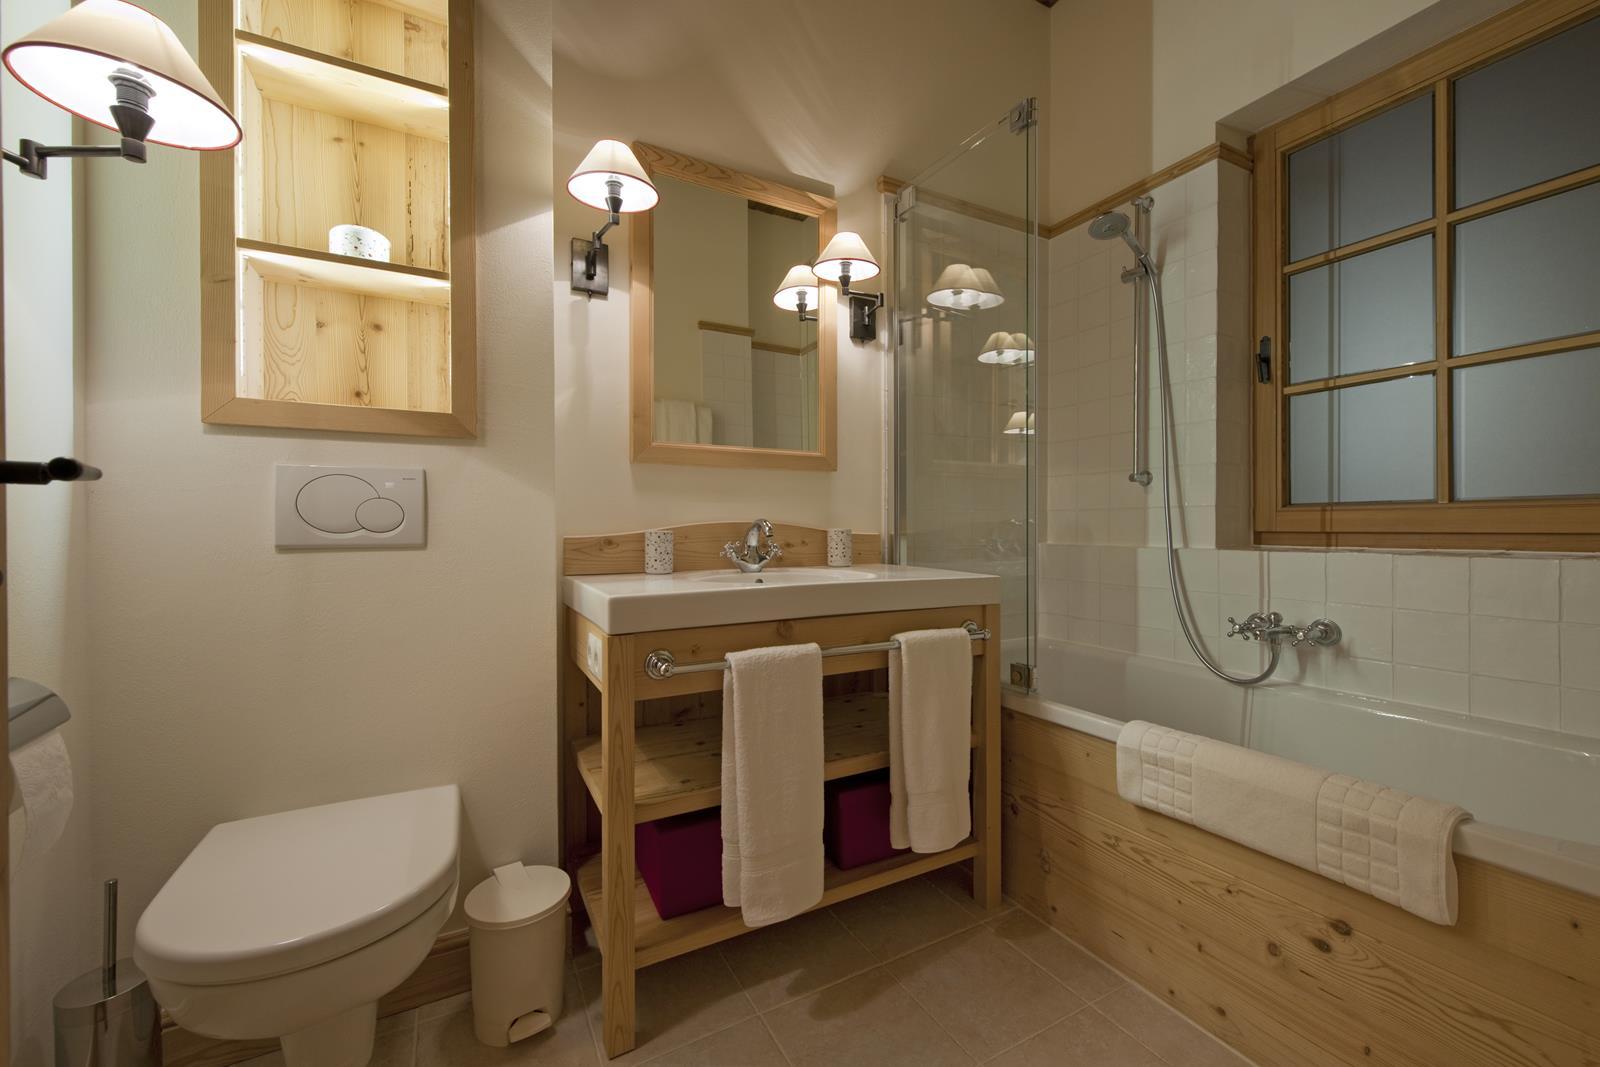 chalet-antoinette-bathroom4-2